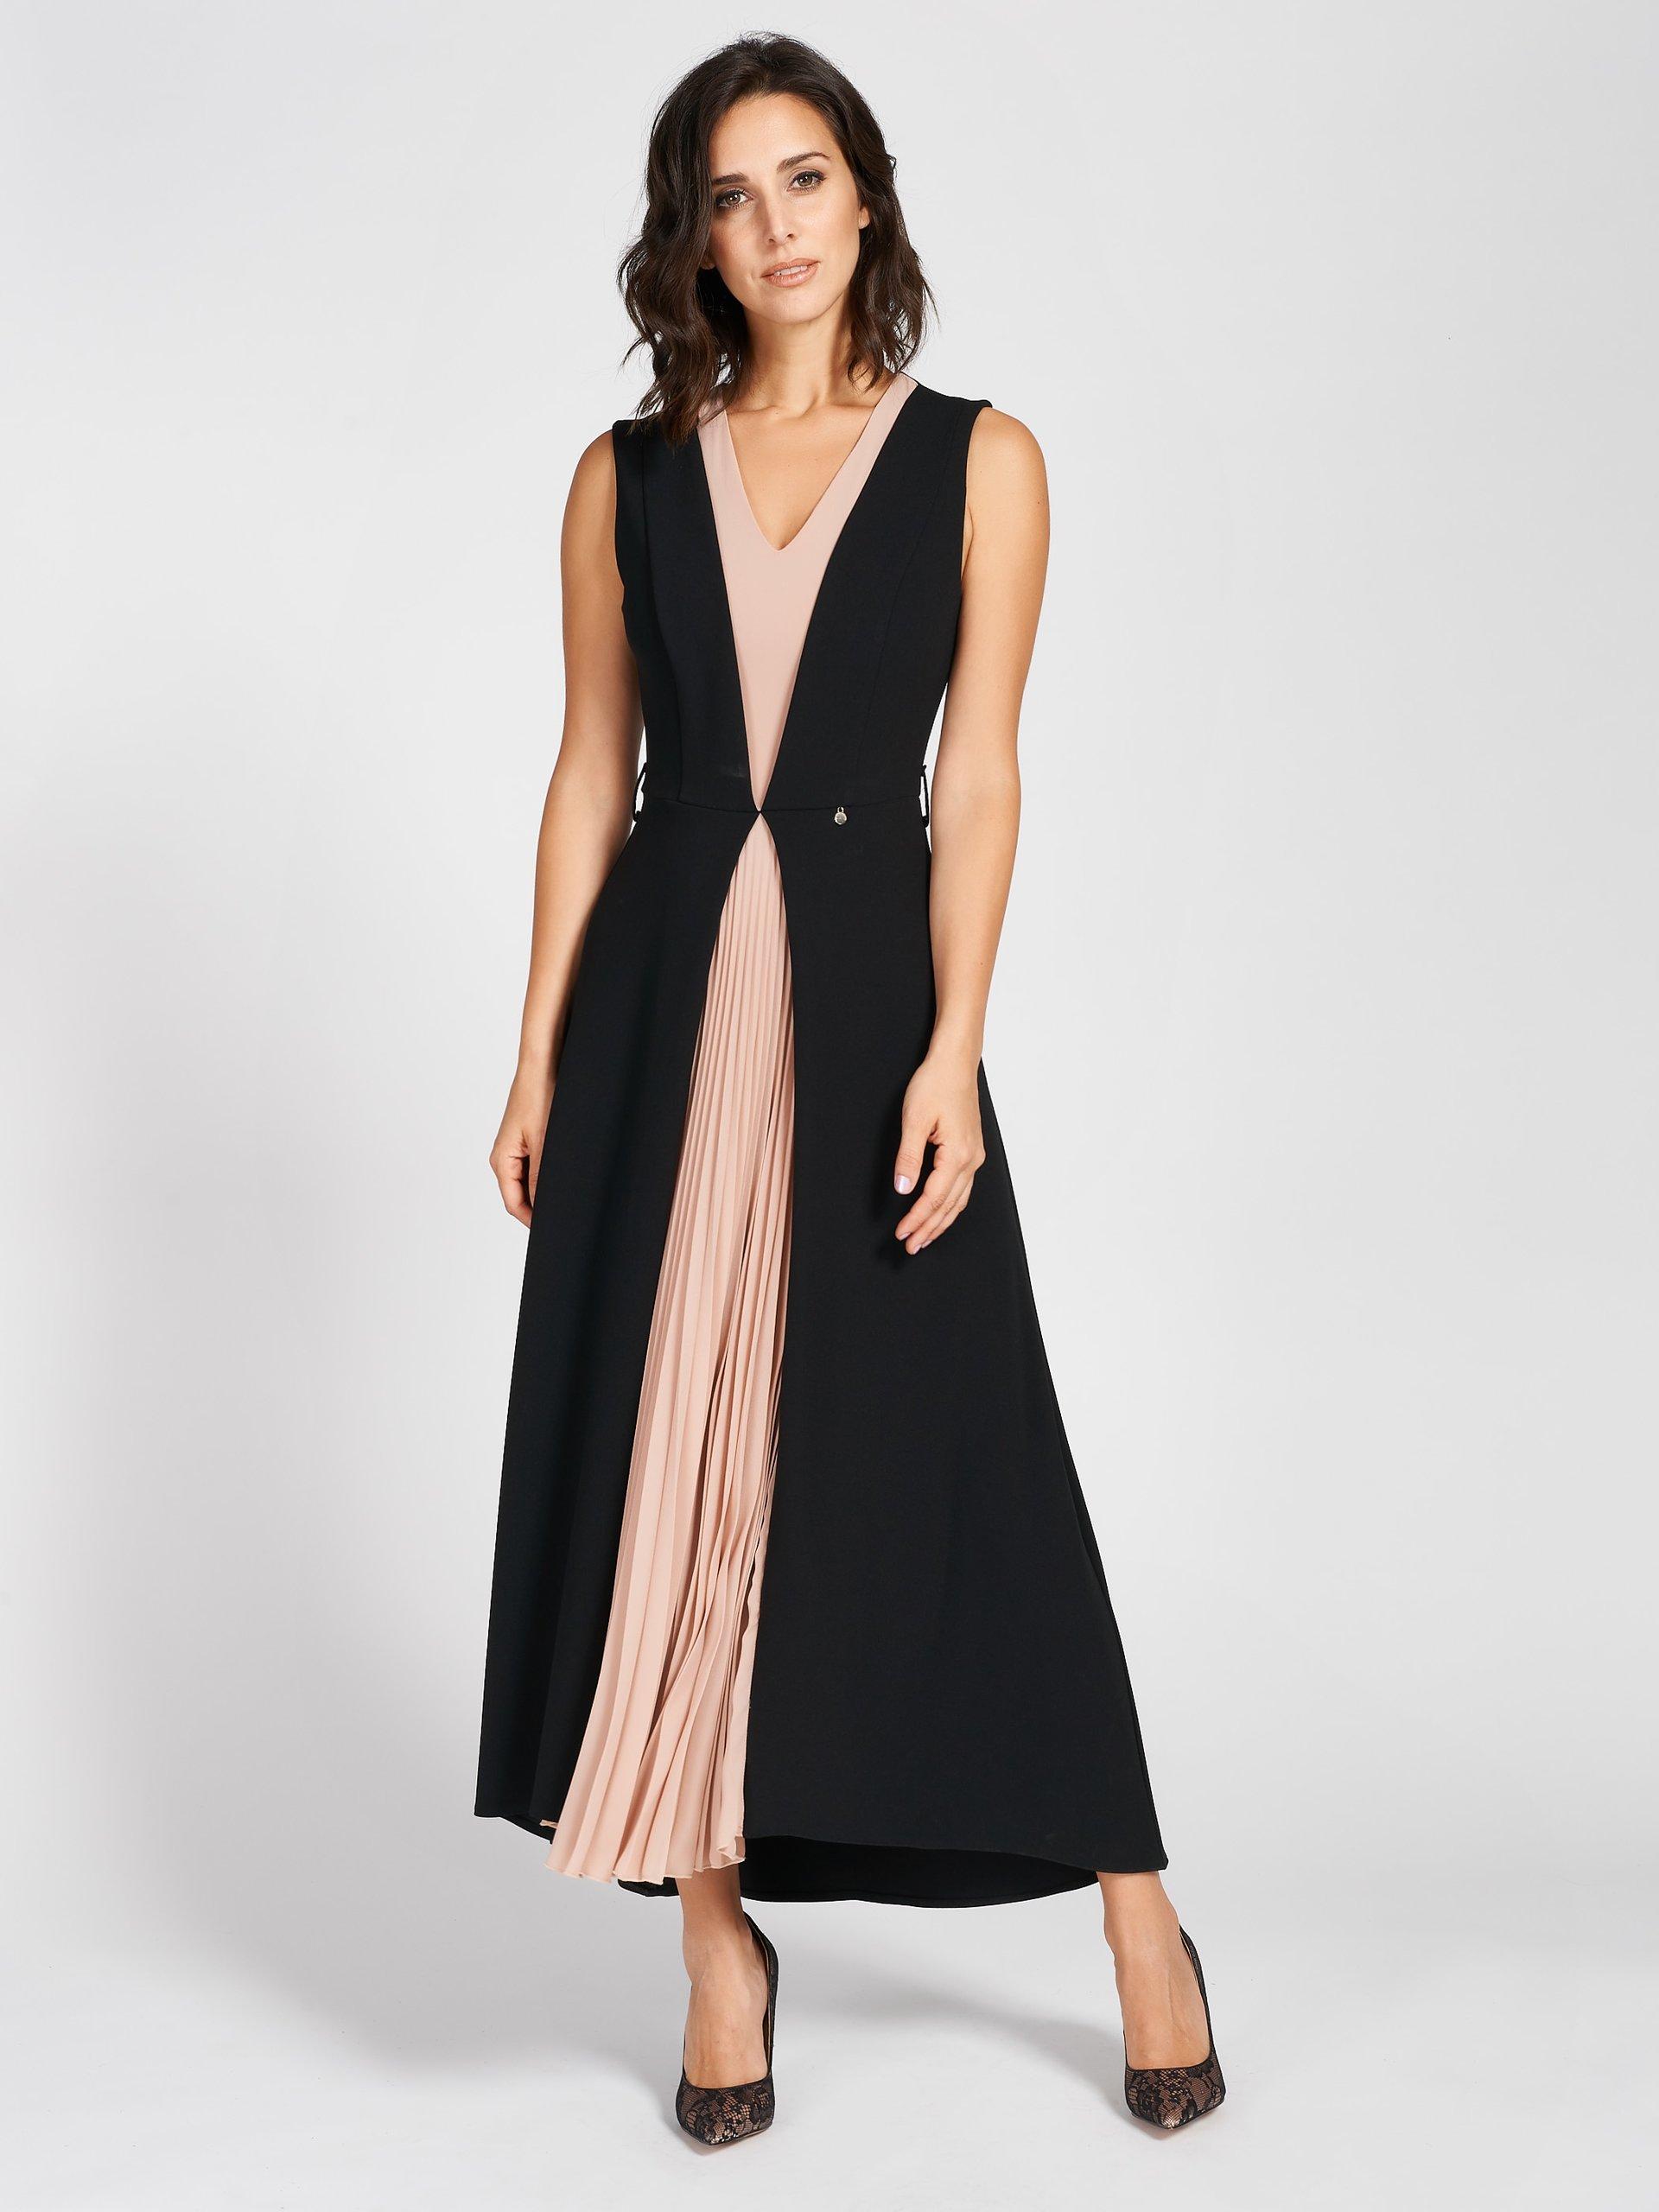 ventas calientes lo último compra venta Comprar Vestido Rinascimento al mejor precio del mercado